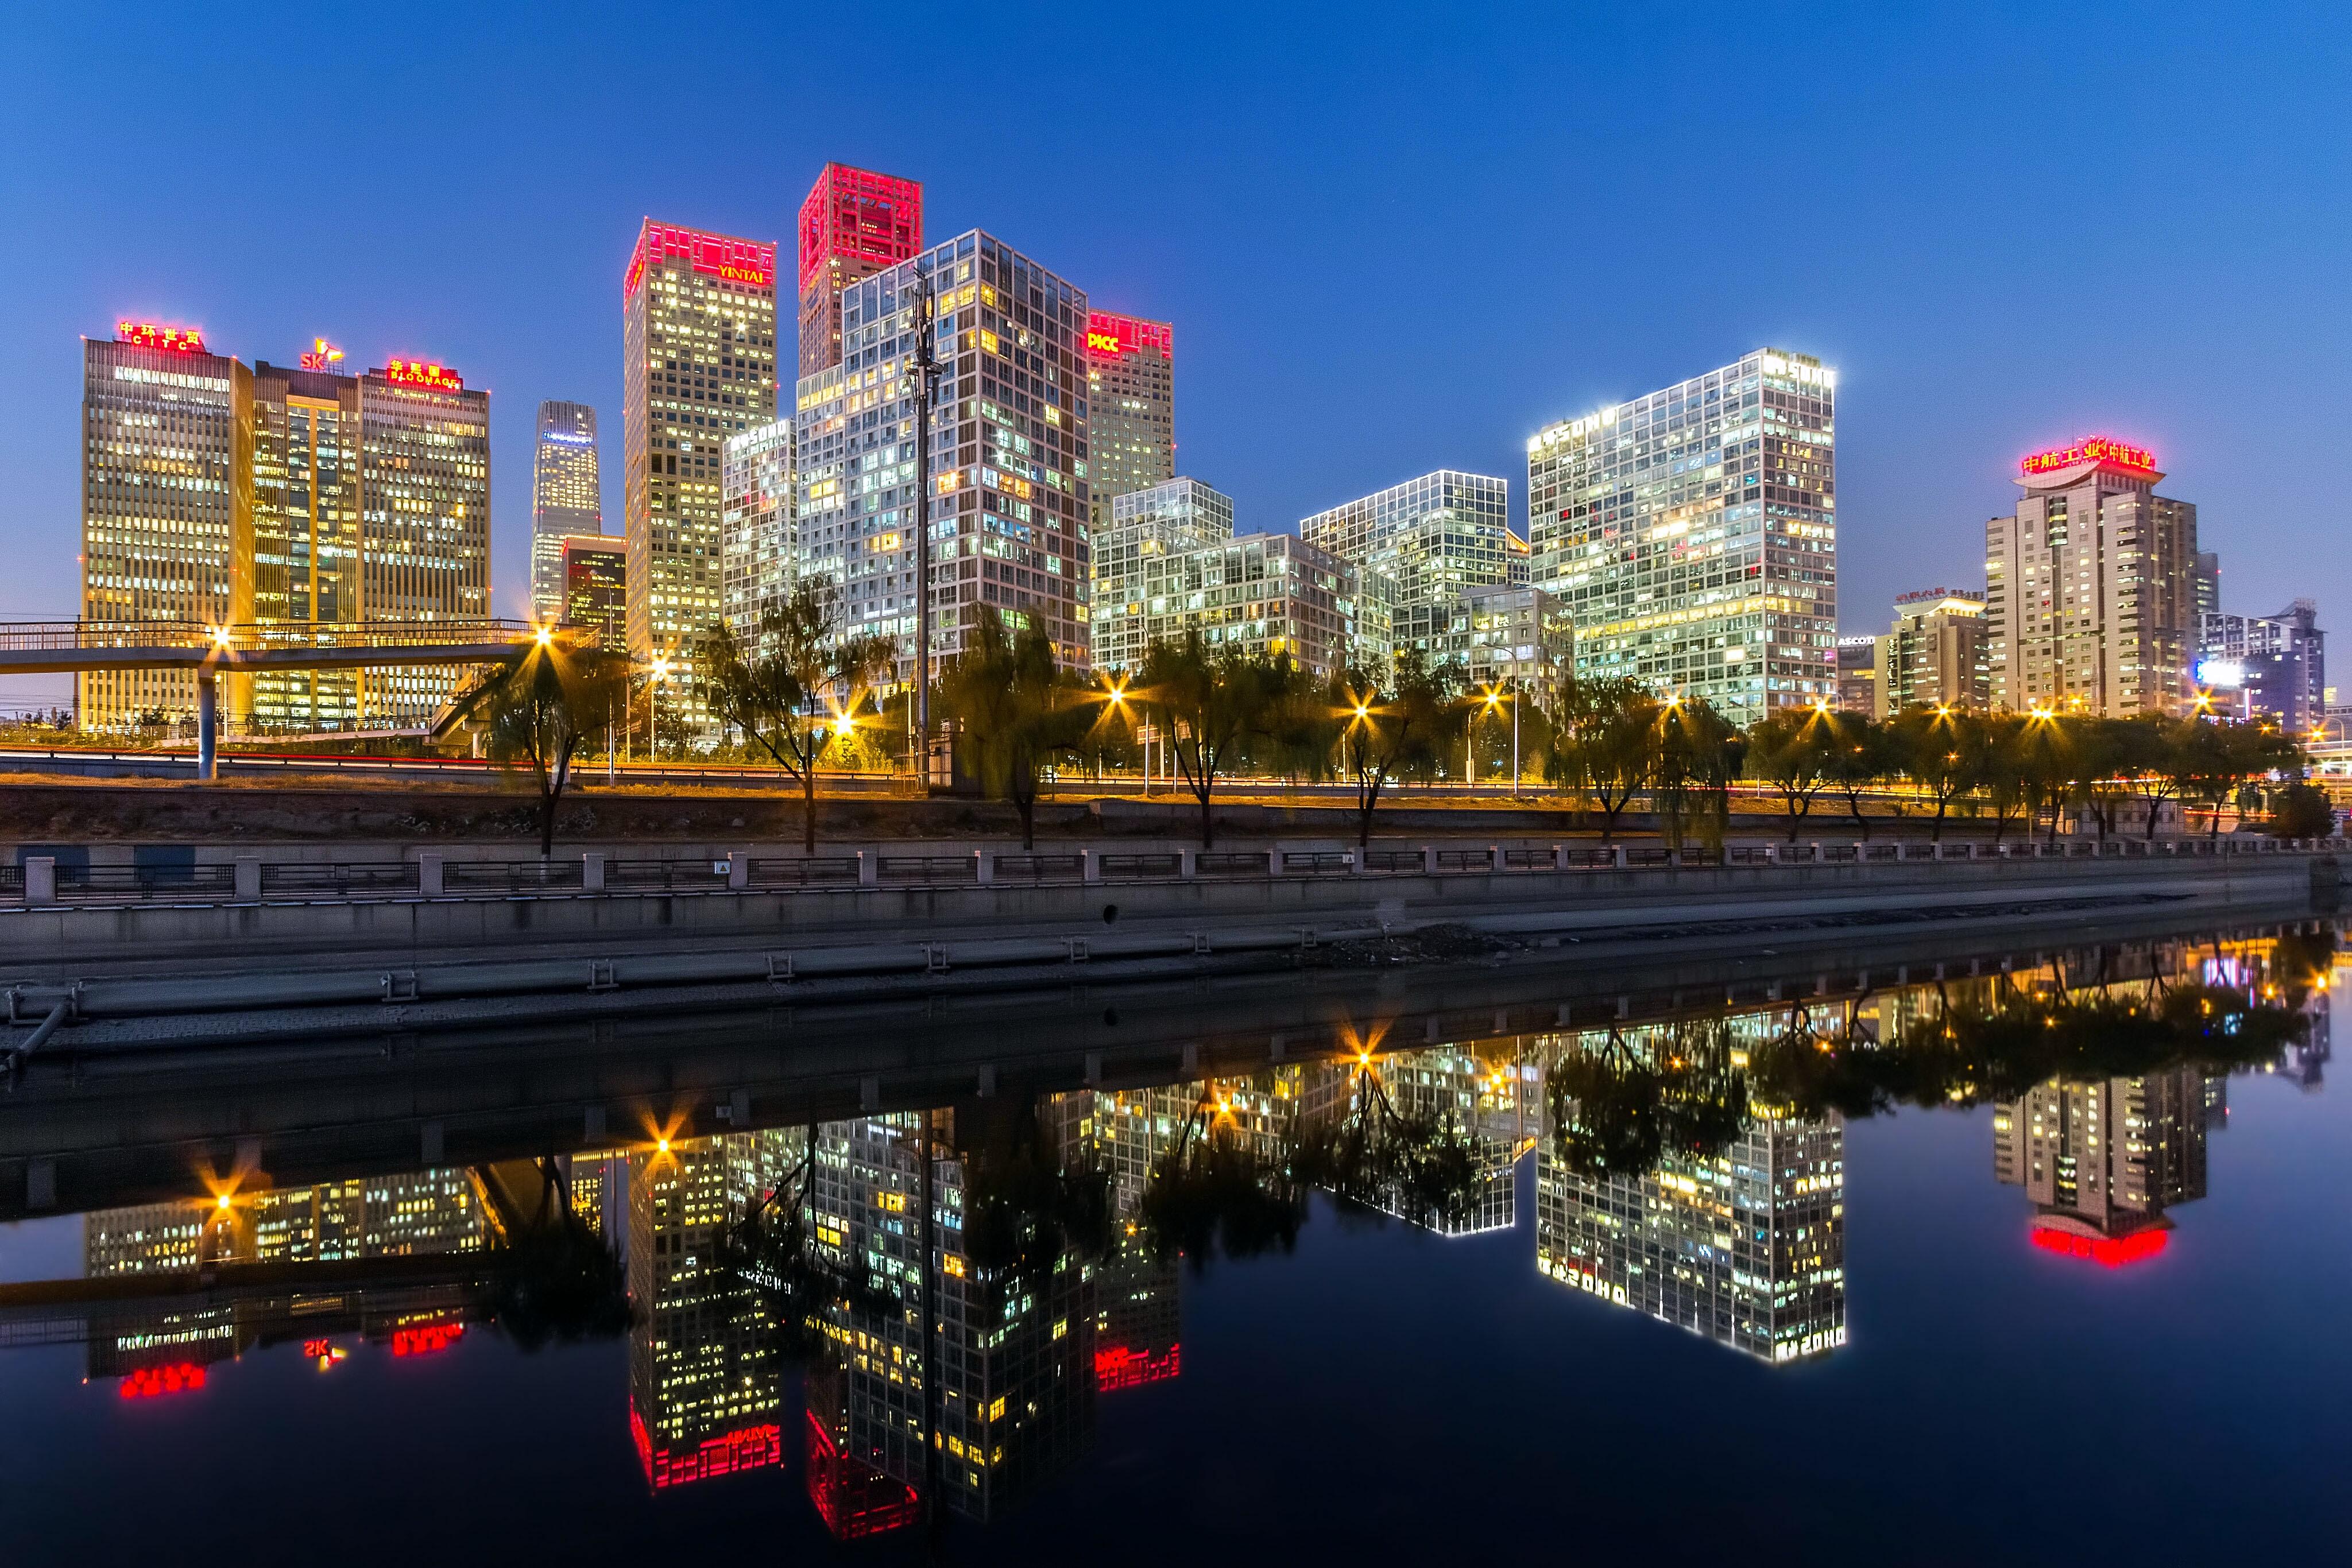 2016-07-14-1468509851-1686958-DistritofinancieroBeijing.jpg